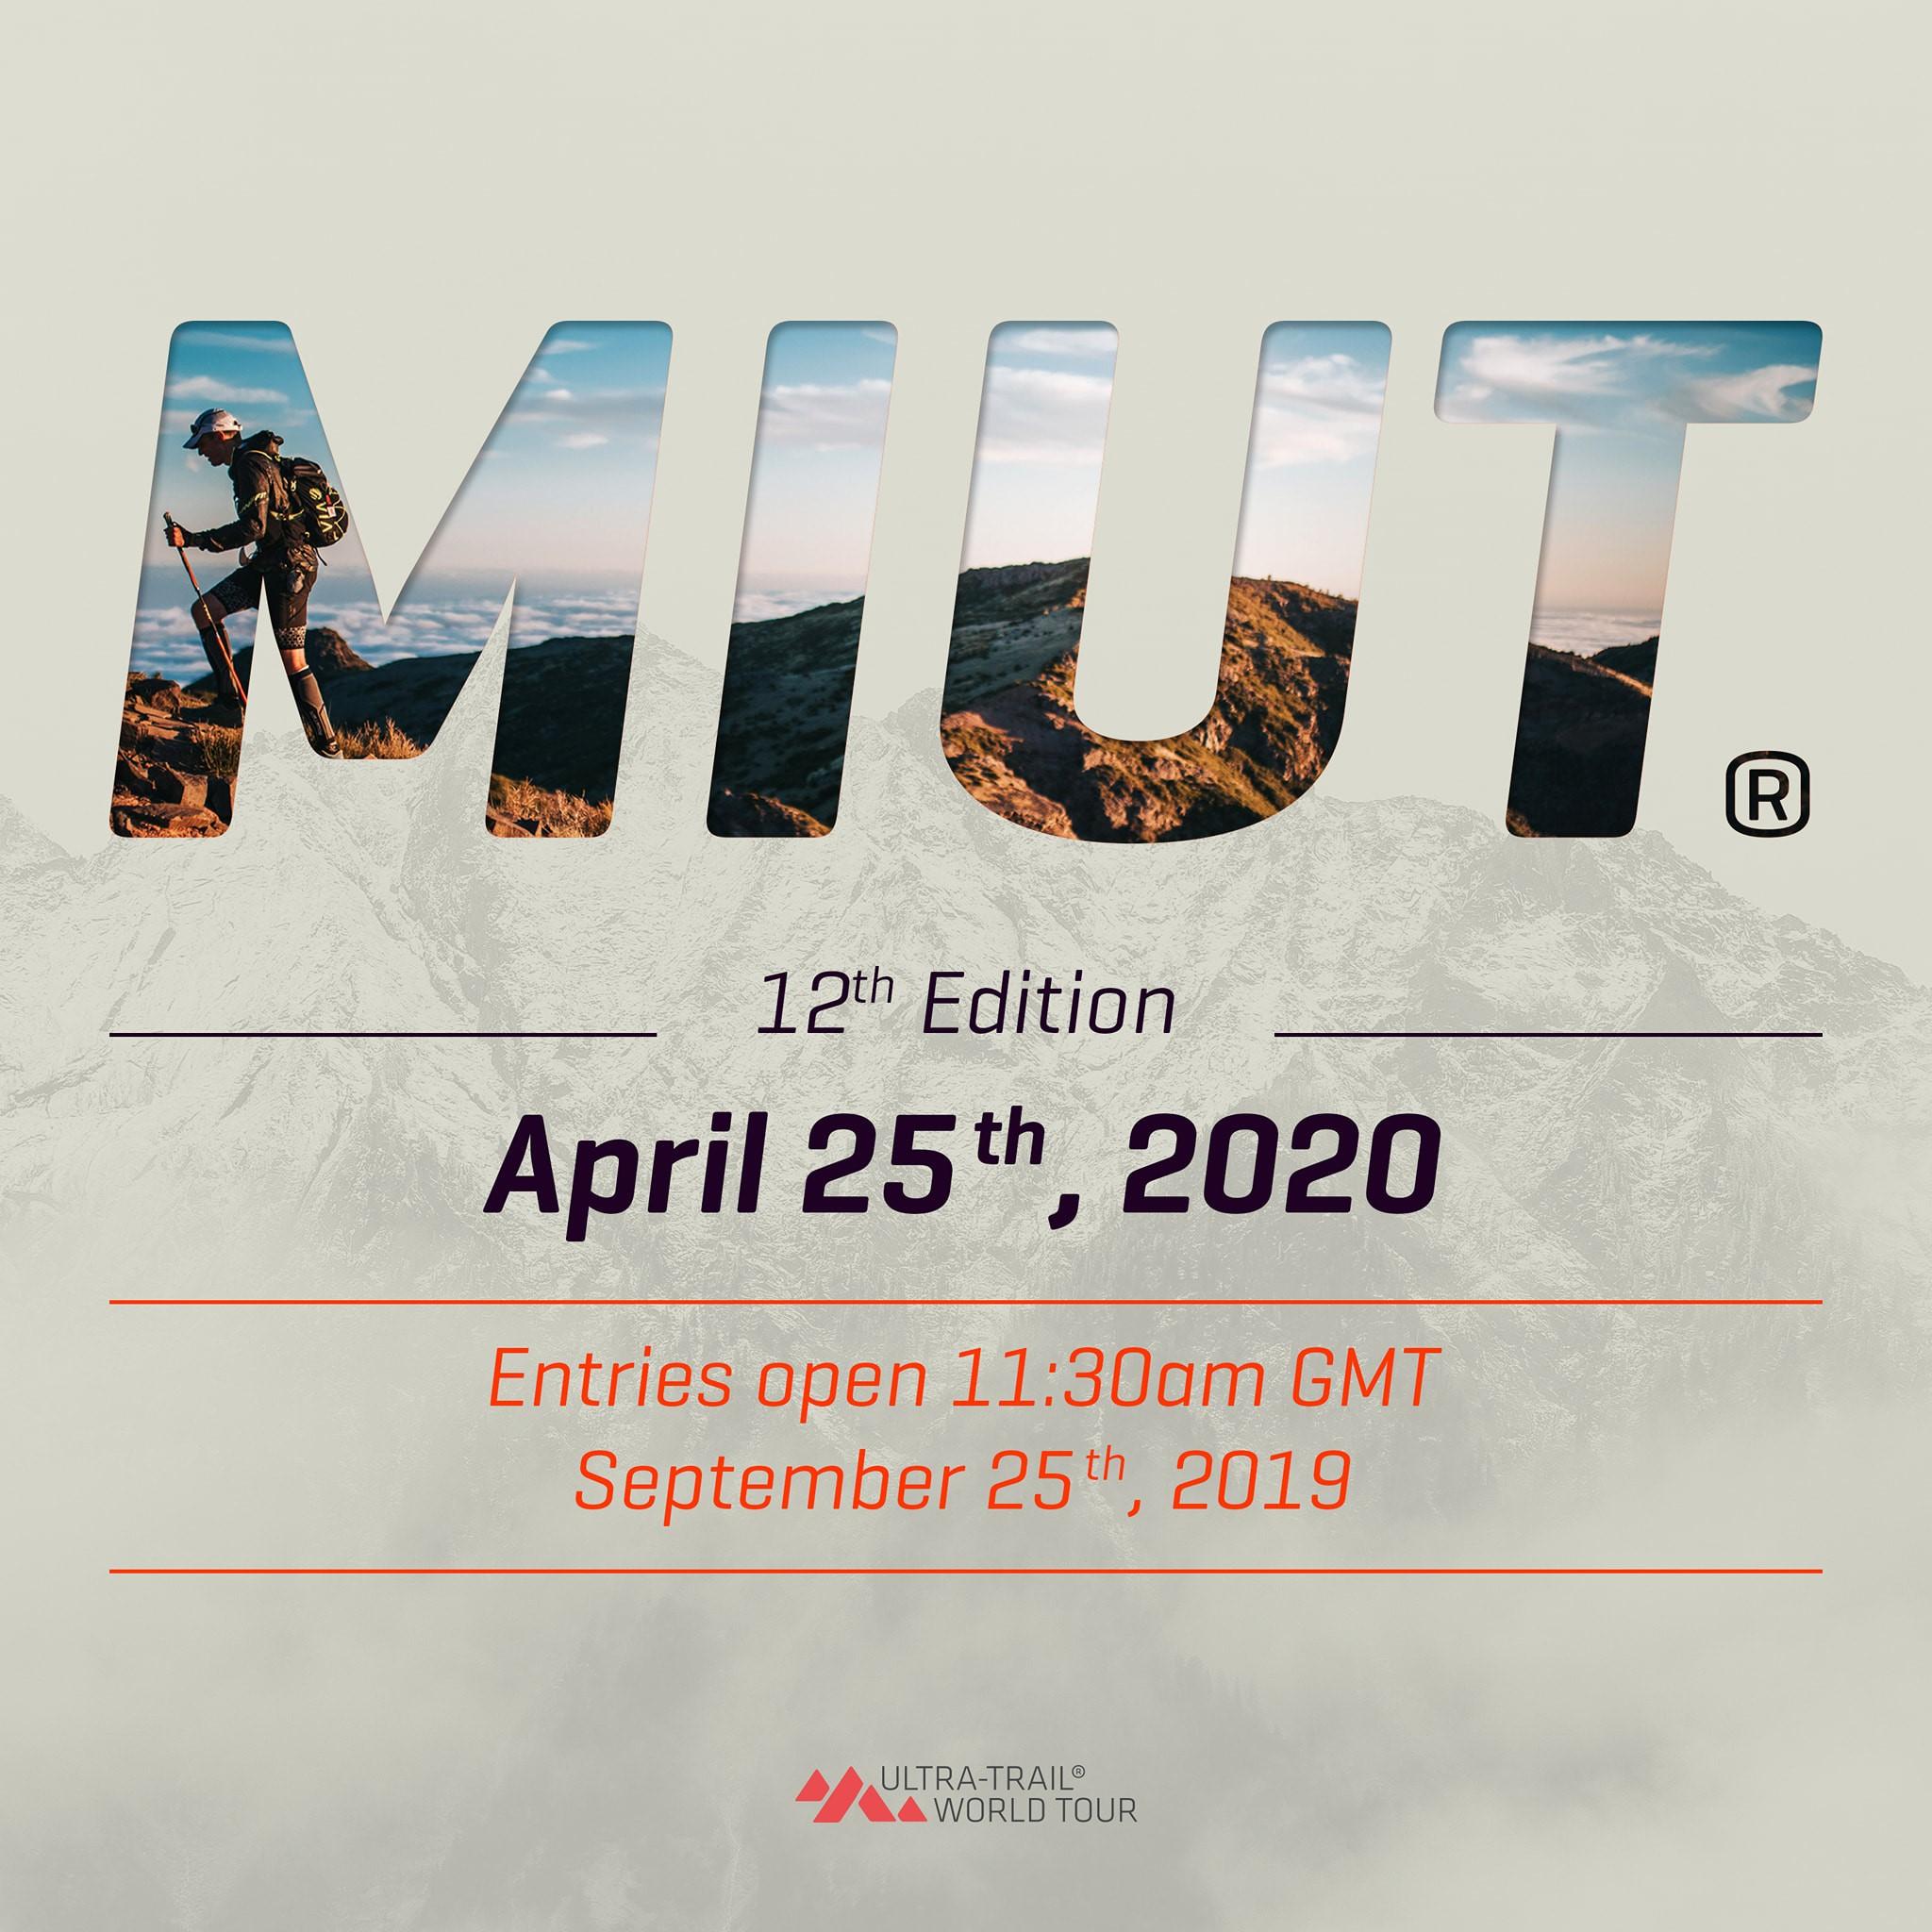 Affiche-MIUT-2020